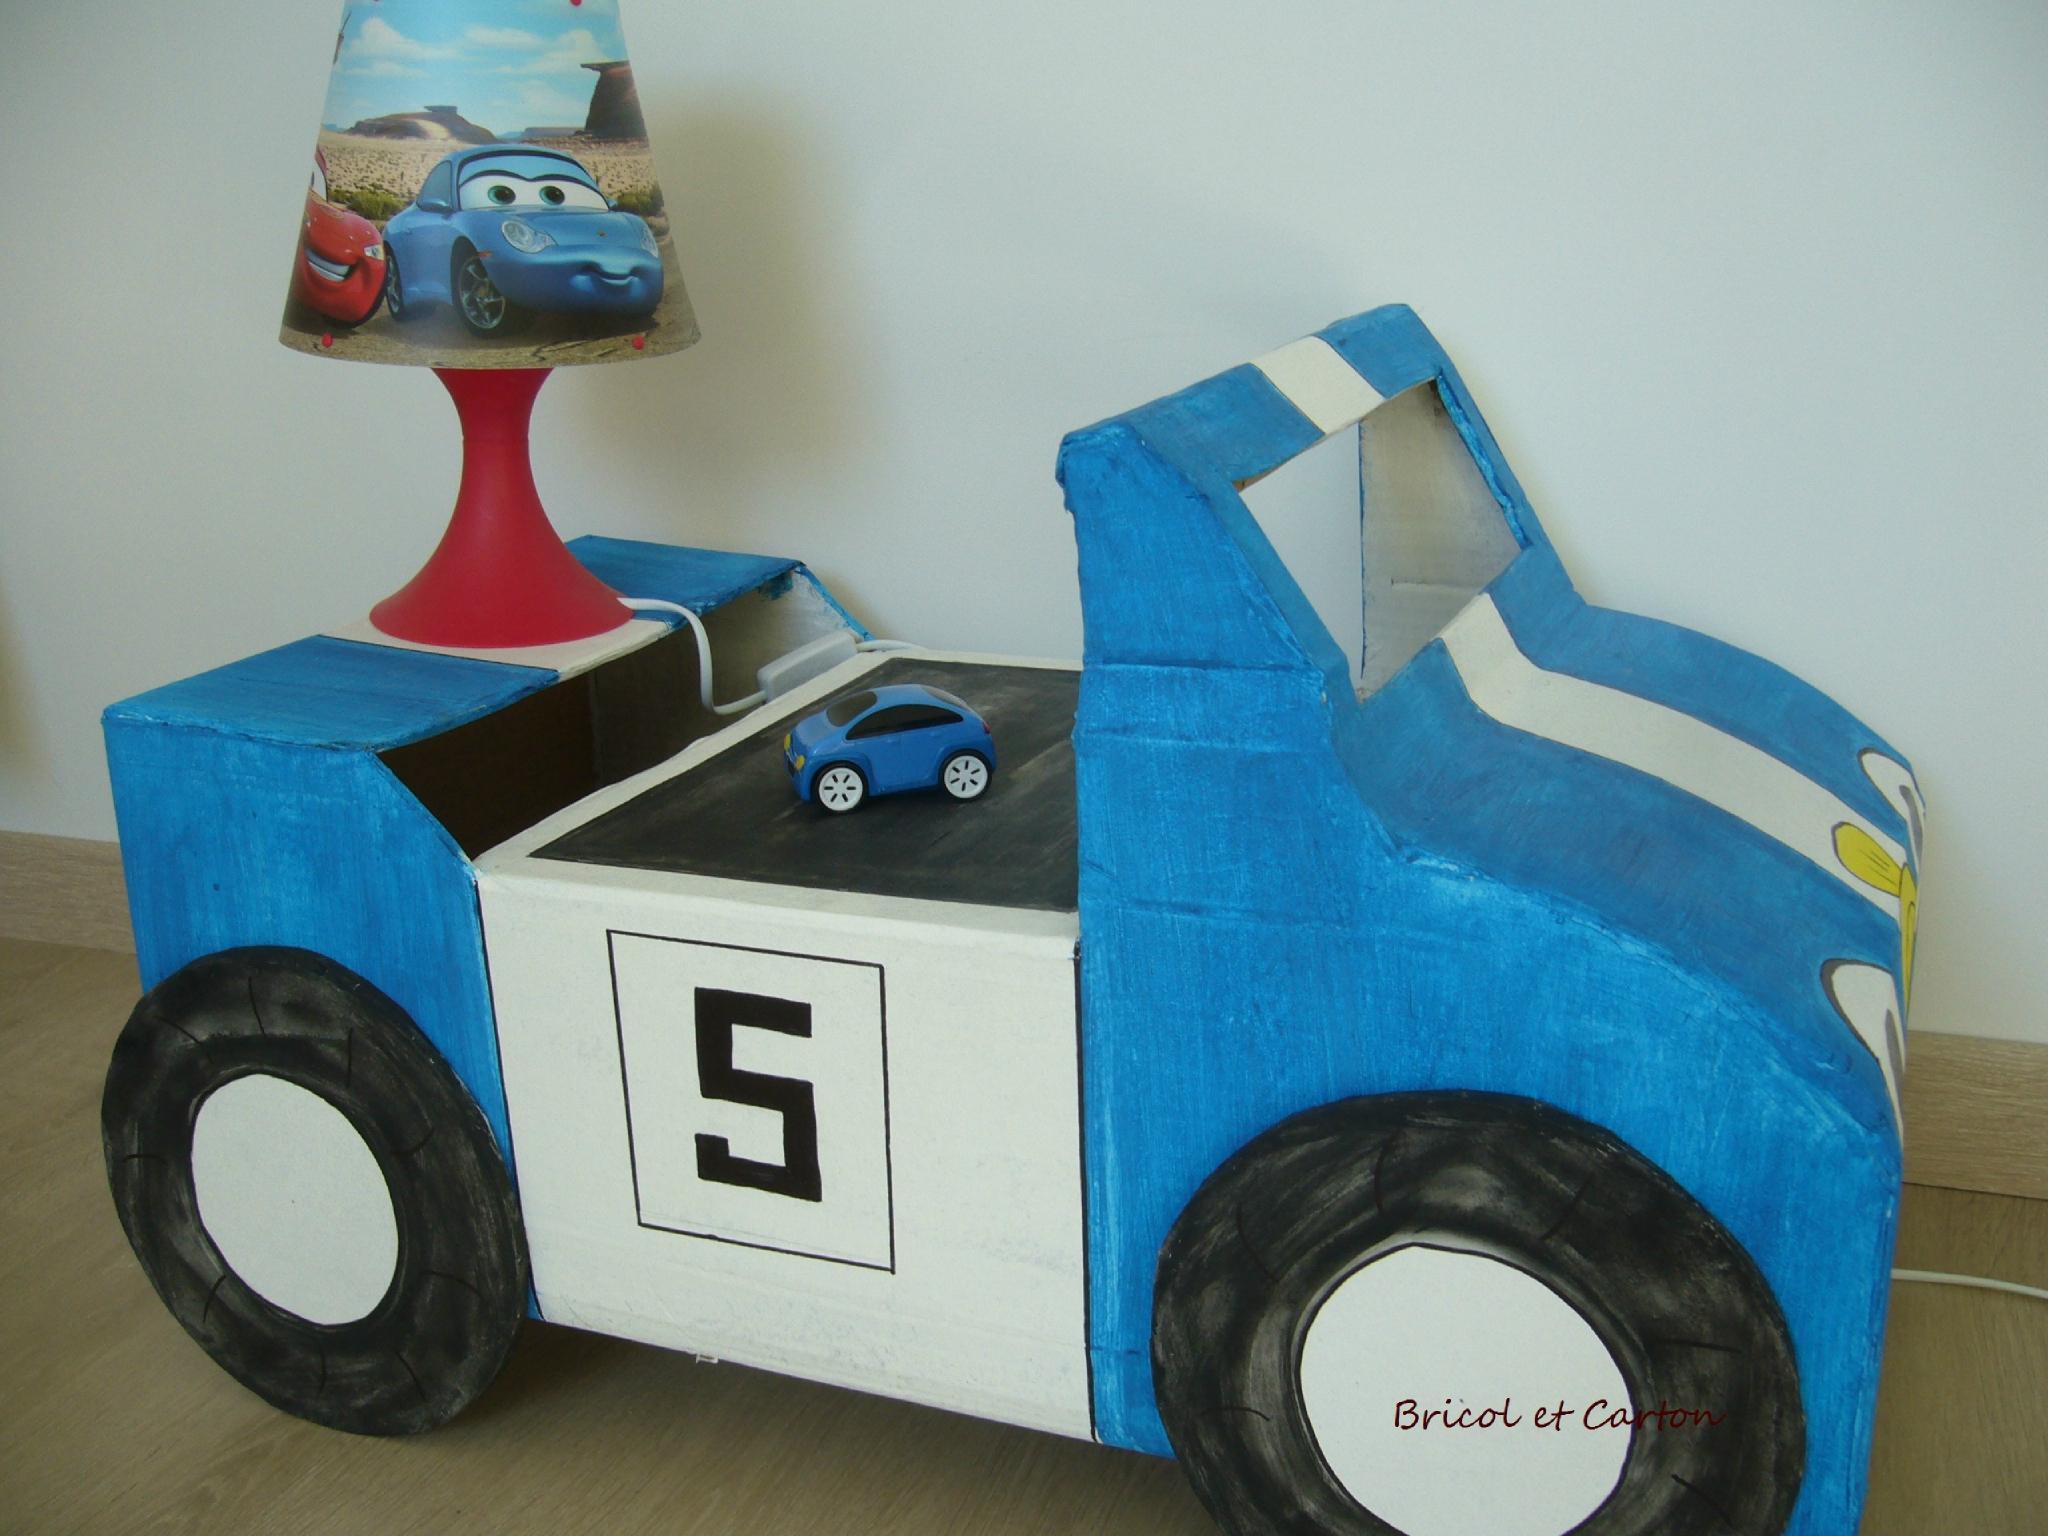 Voiture De Course Pour Enfant En Carton - Bricol Et Carton intérieur Course De Voiture Pour Enfant